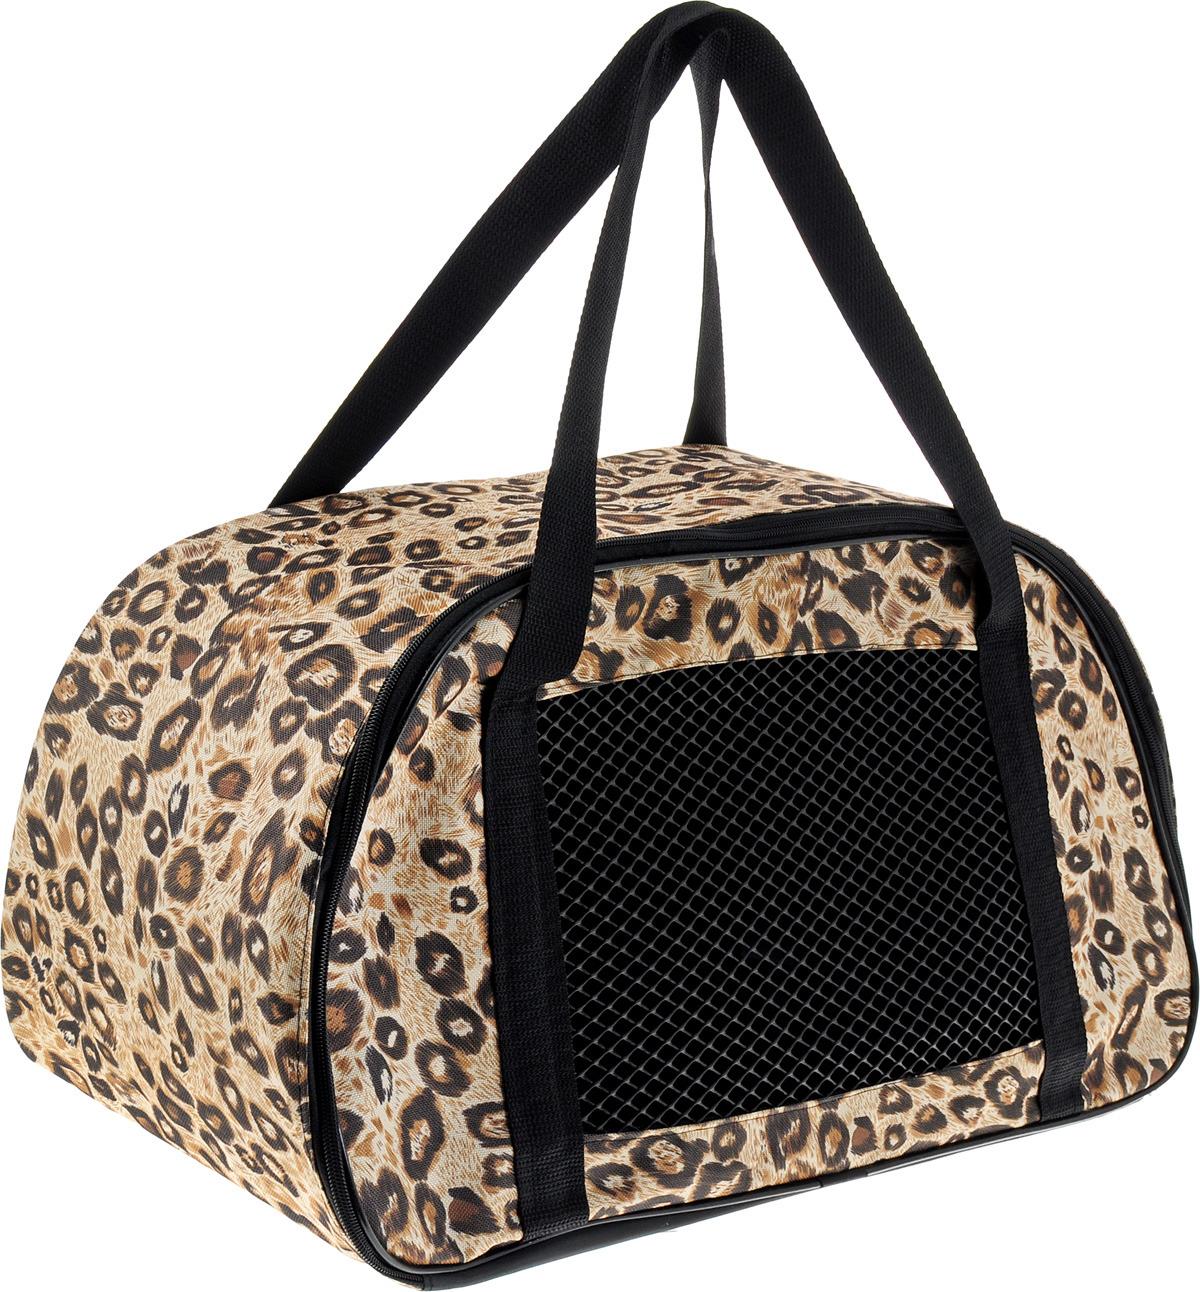 Сумка-переноска для животных Теремок, цвет: леопардовый, 56 х 28 х 30 см переноска для животных fauna explorer color цвет зеленый черный 42 х 28 х 29 см